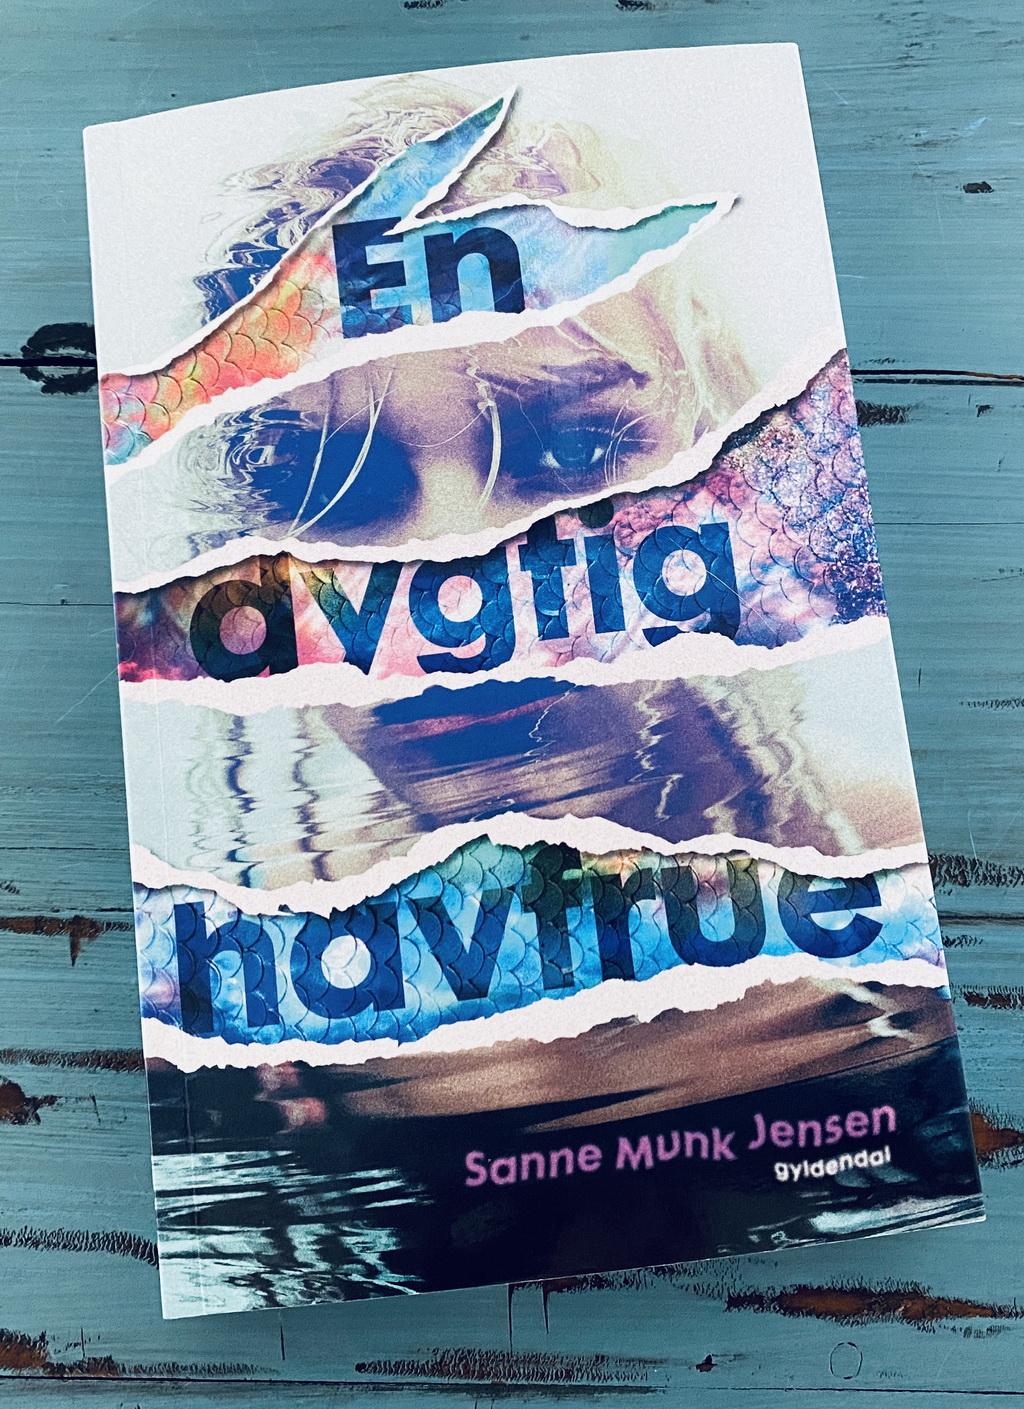 Billede af: En dygtig havfrue af Sanne Munk Jensen